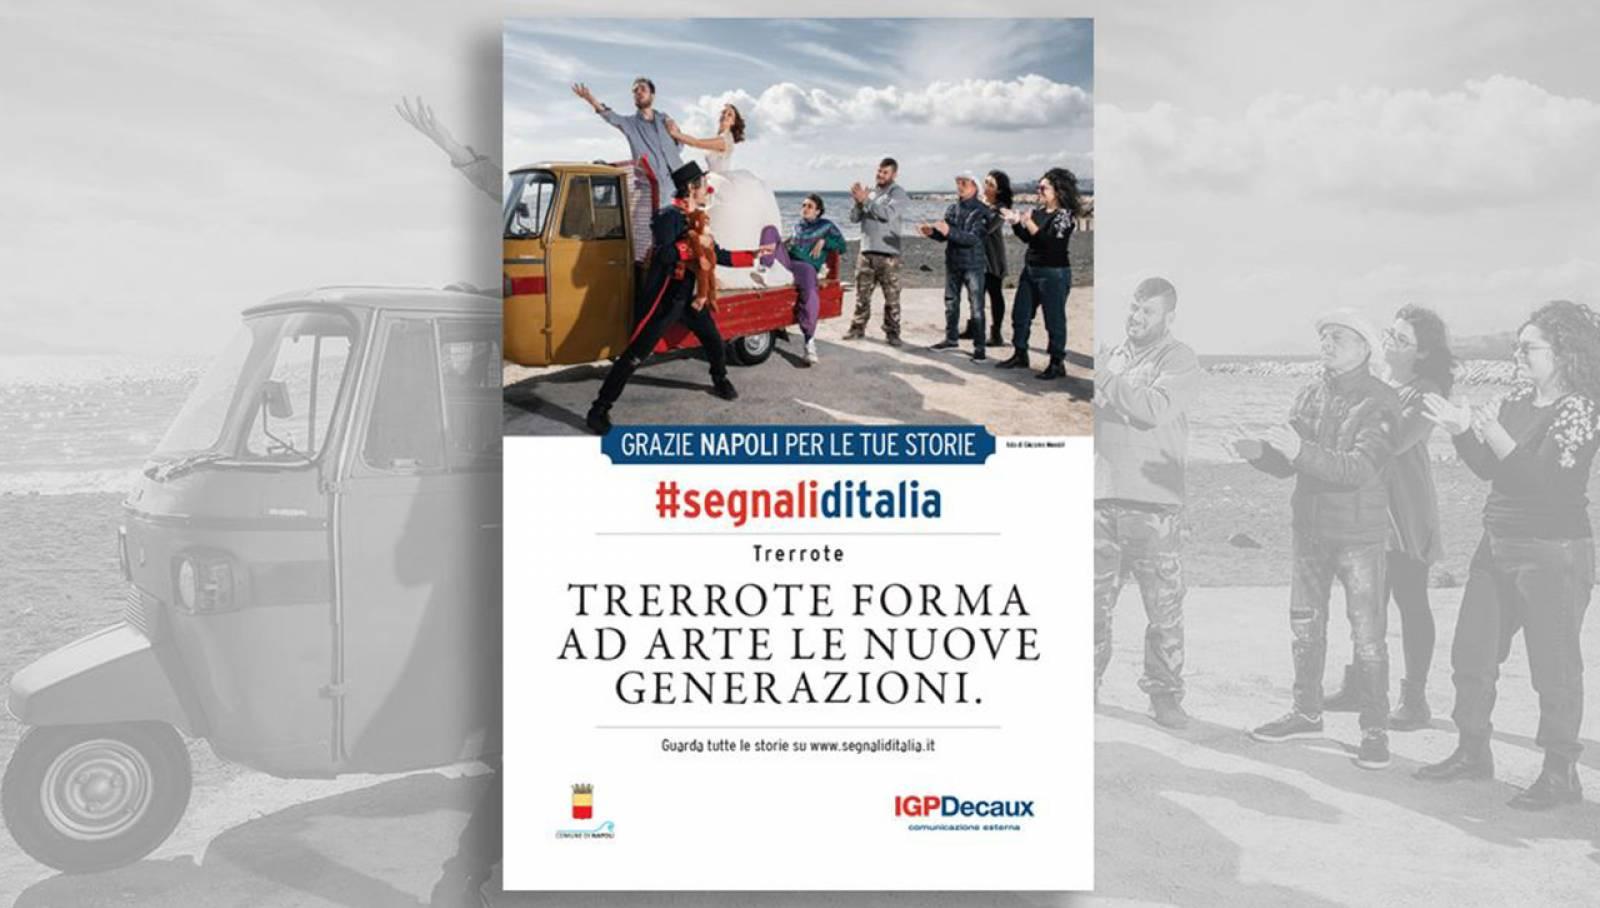 Segnali d'Italia thanks campaign Naples Associazione Trerrote